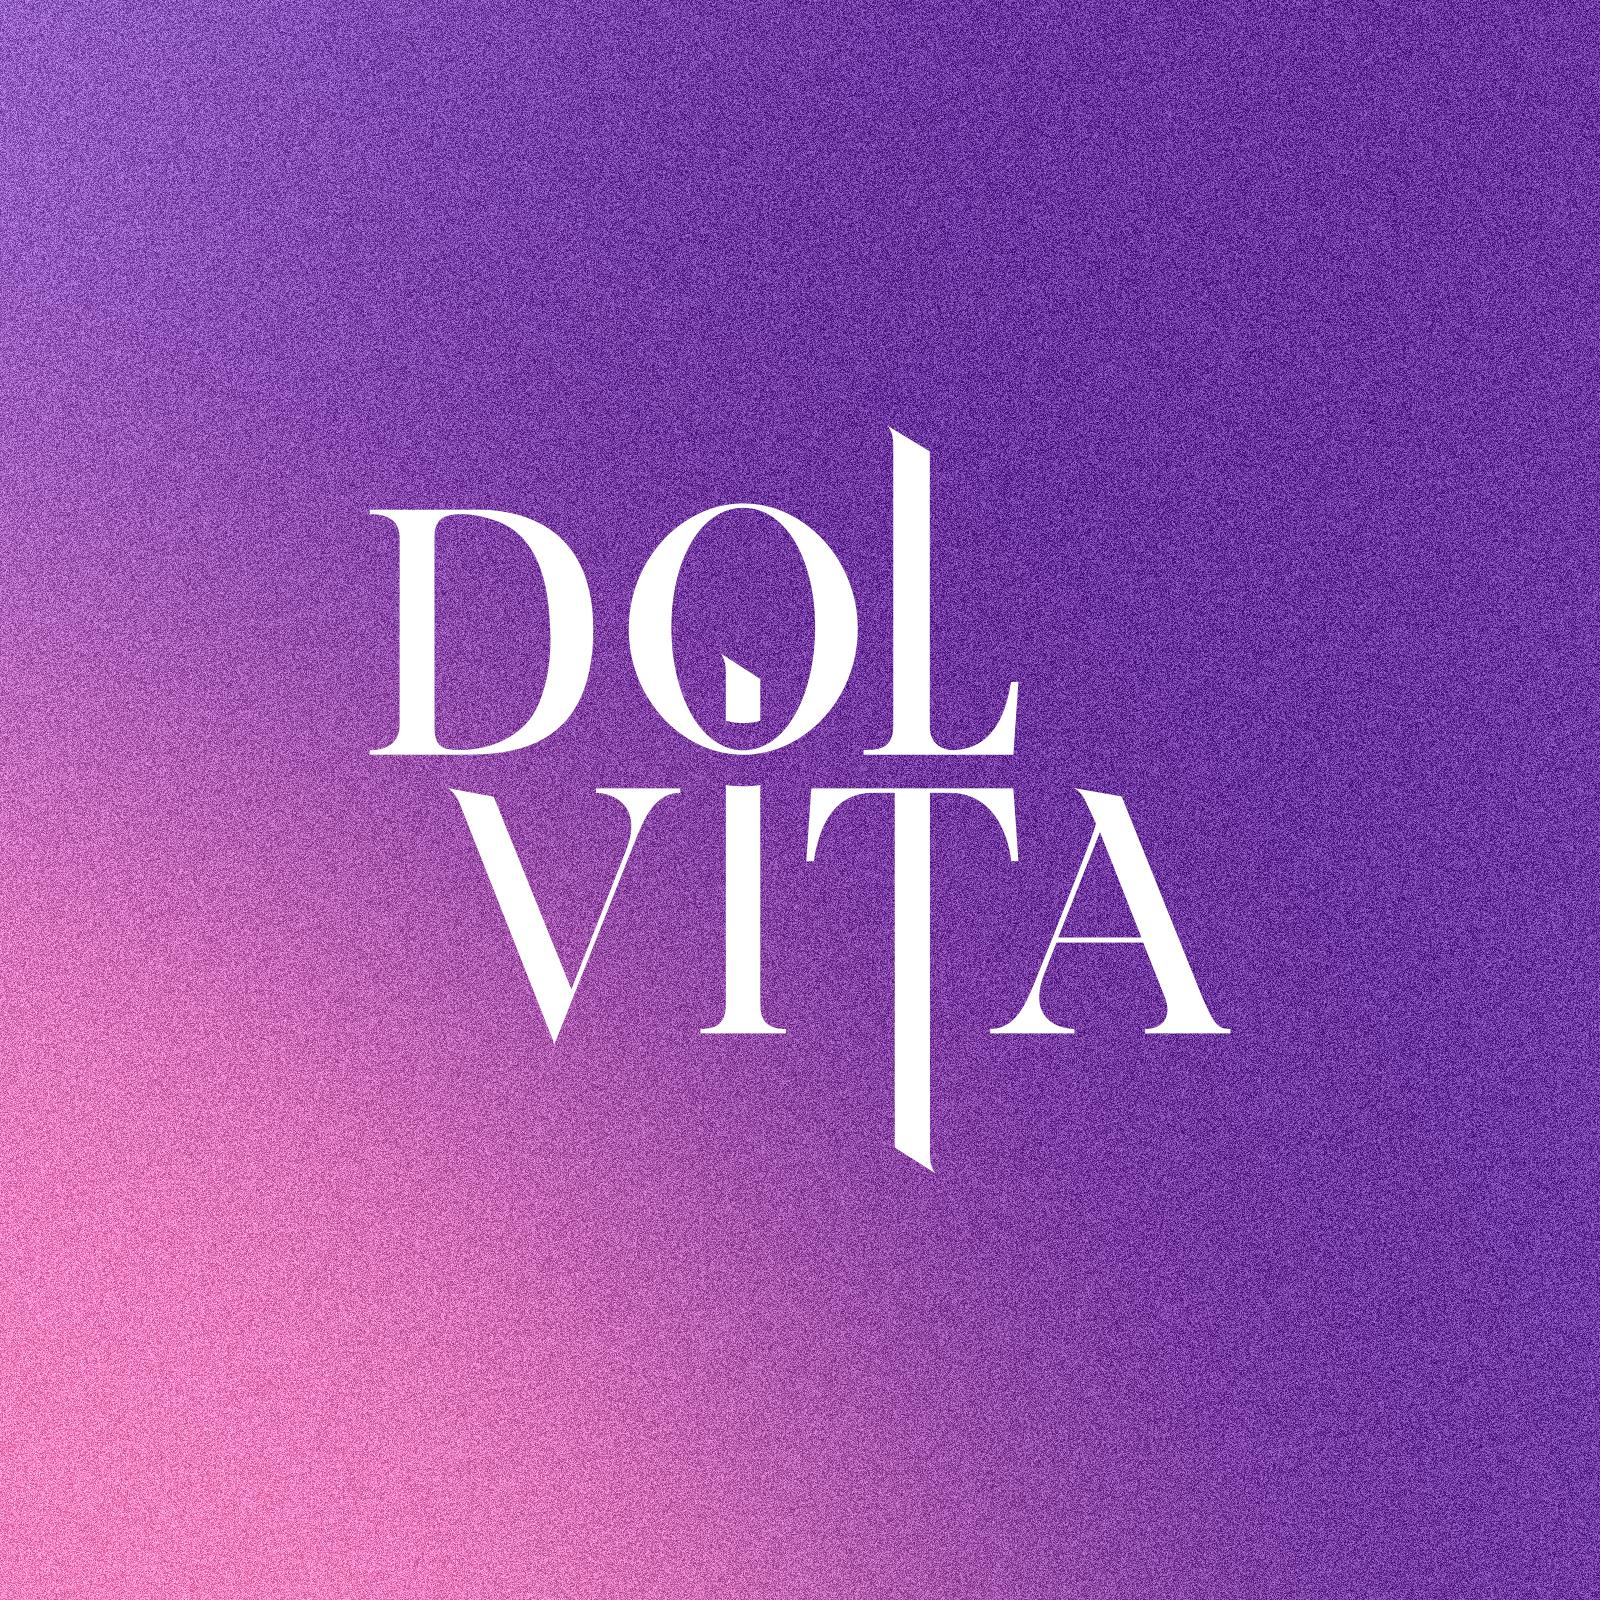 Dol Vita   Singer-songwriter